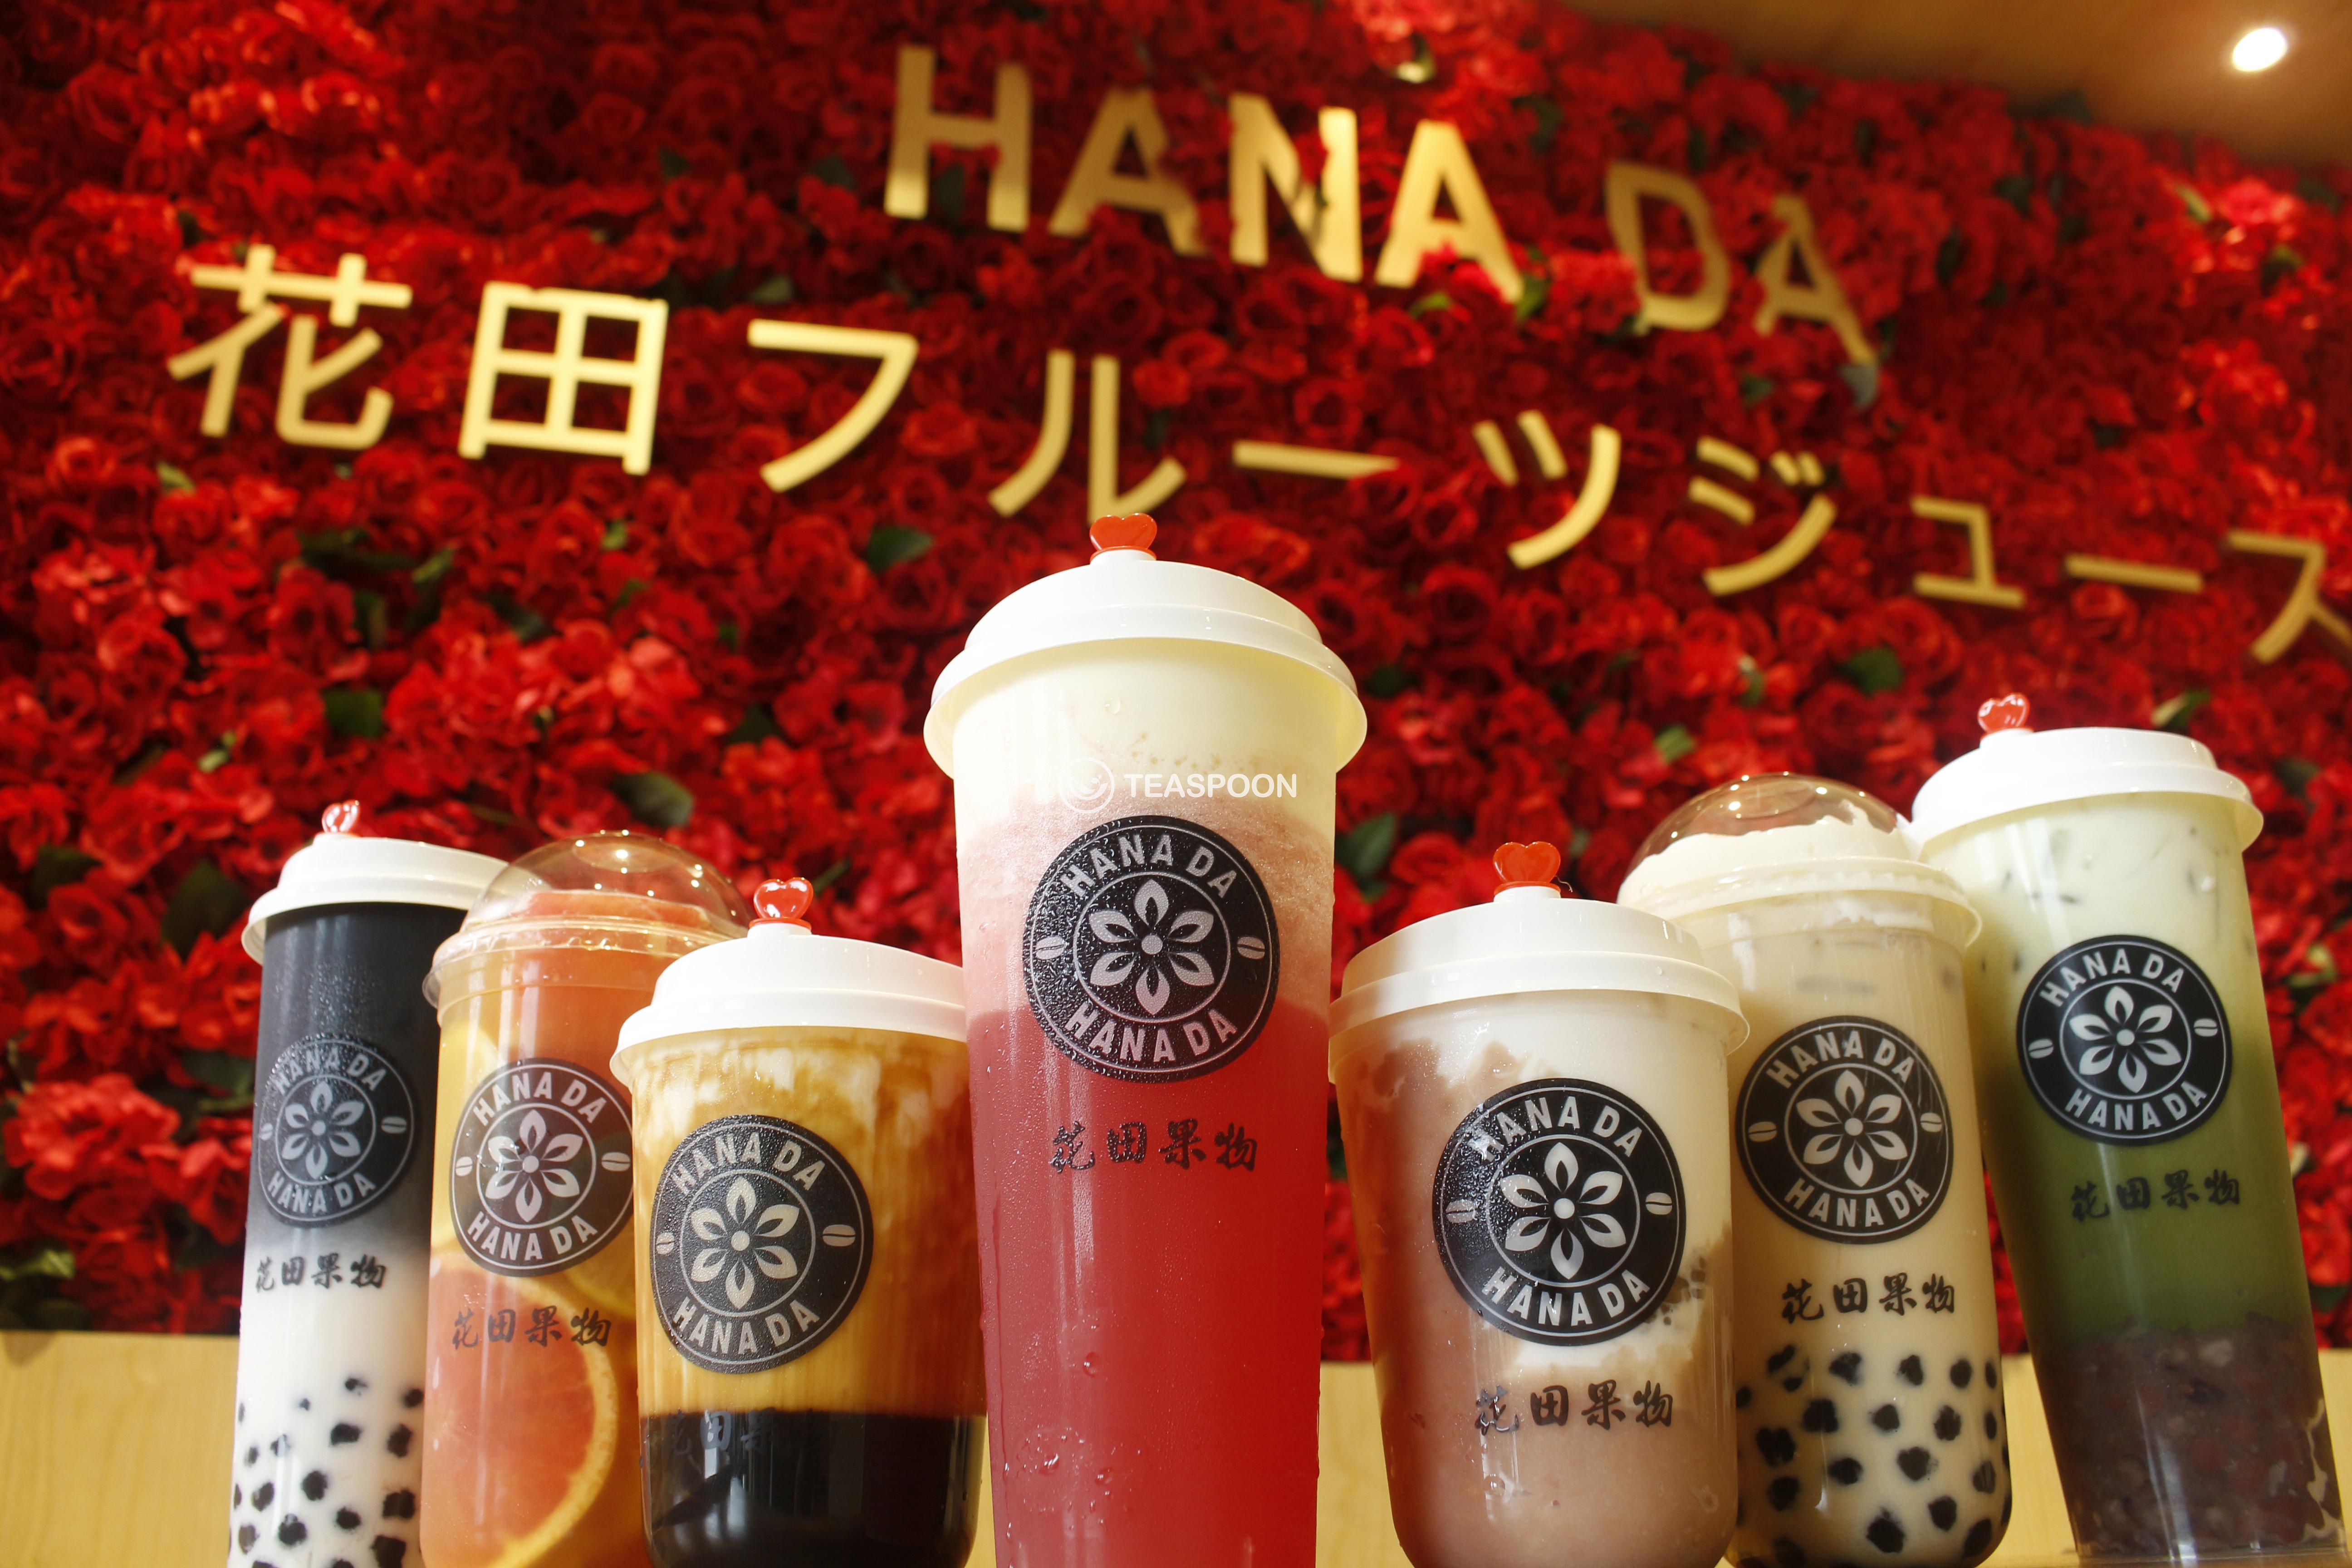 Hanada (5)